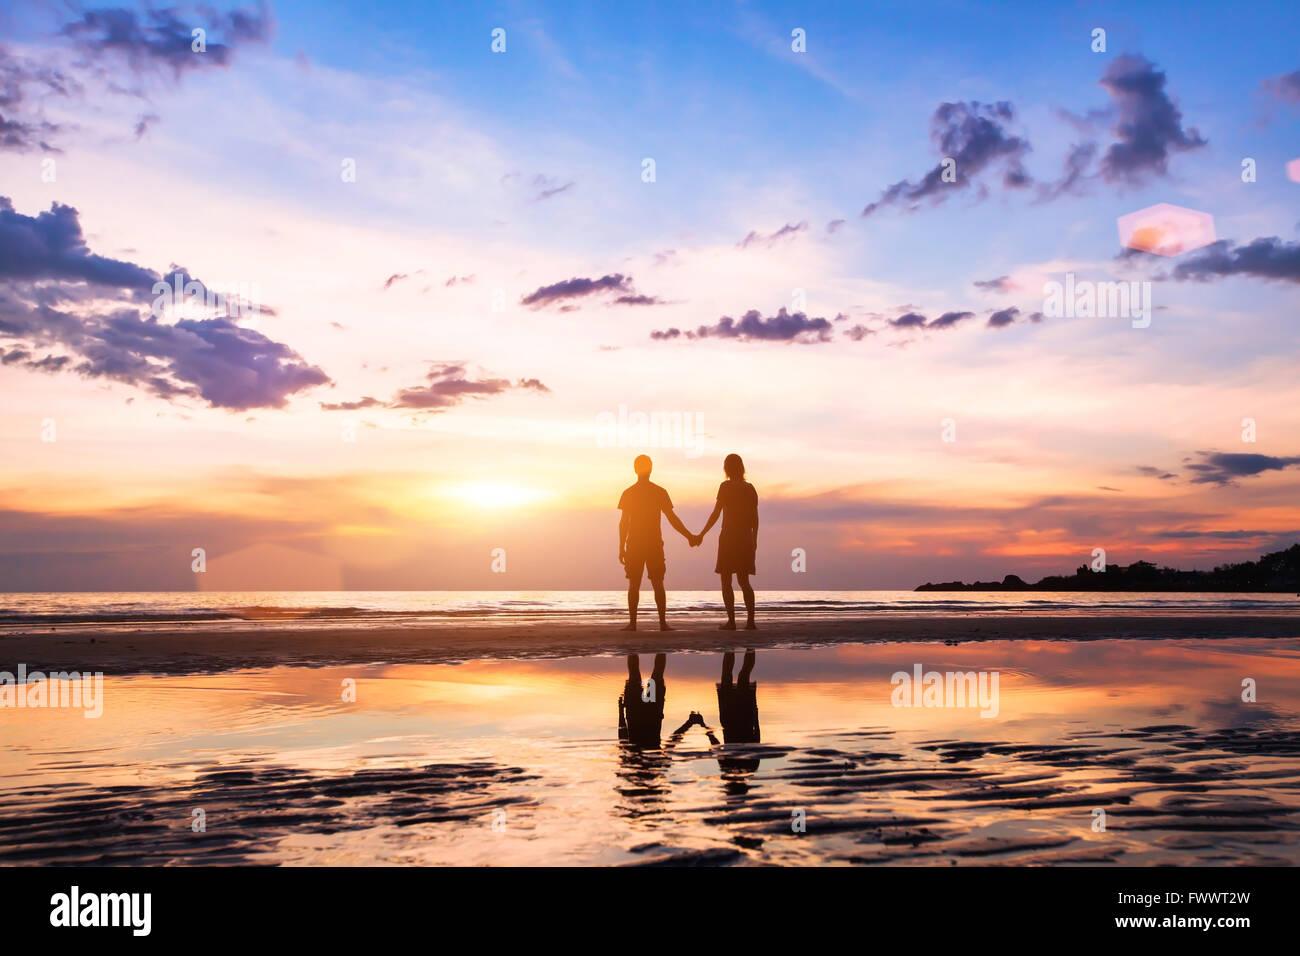 romantisch zu zweit am Strand bei Sonnenuntergang, Silhouetten von Mann und Frau zusammen Stockbild